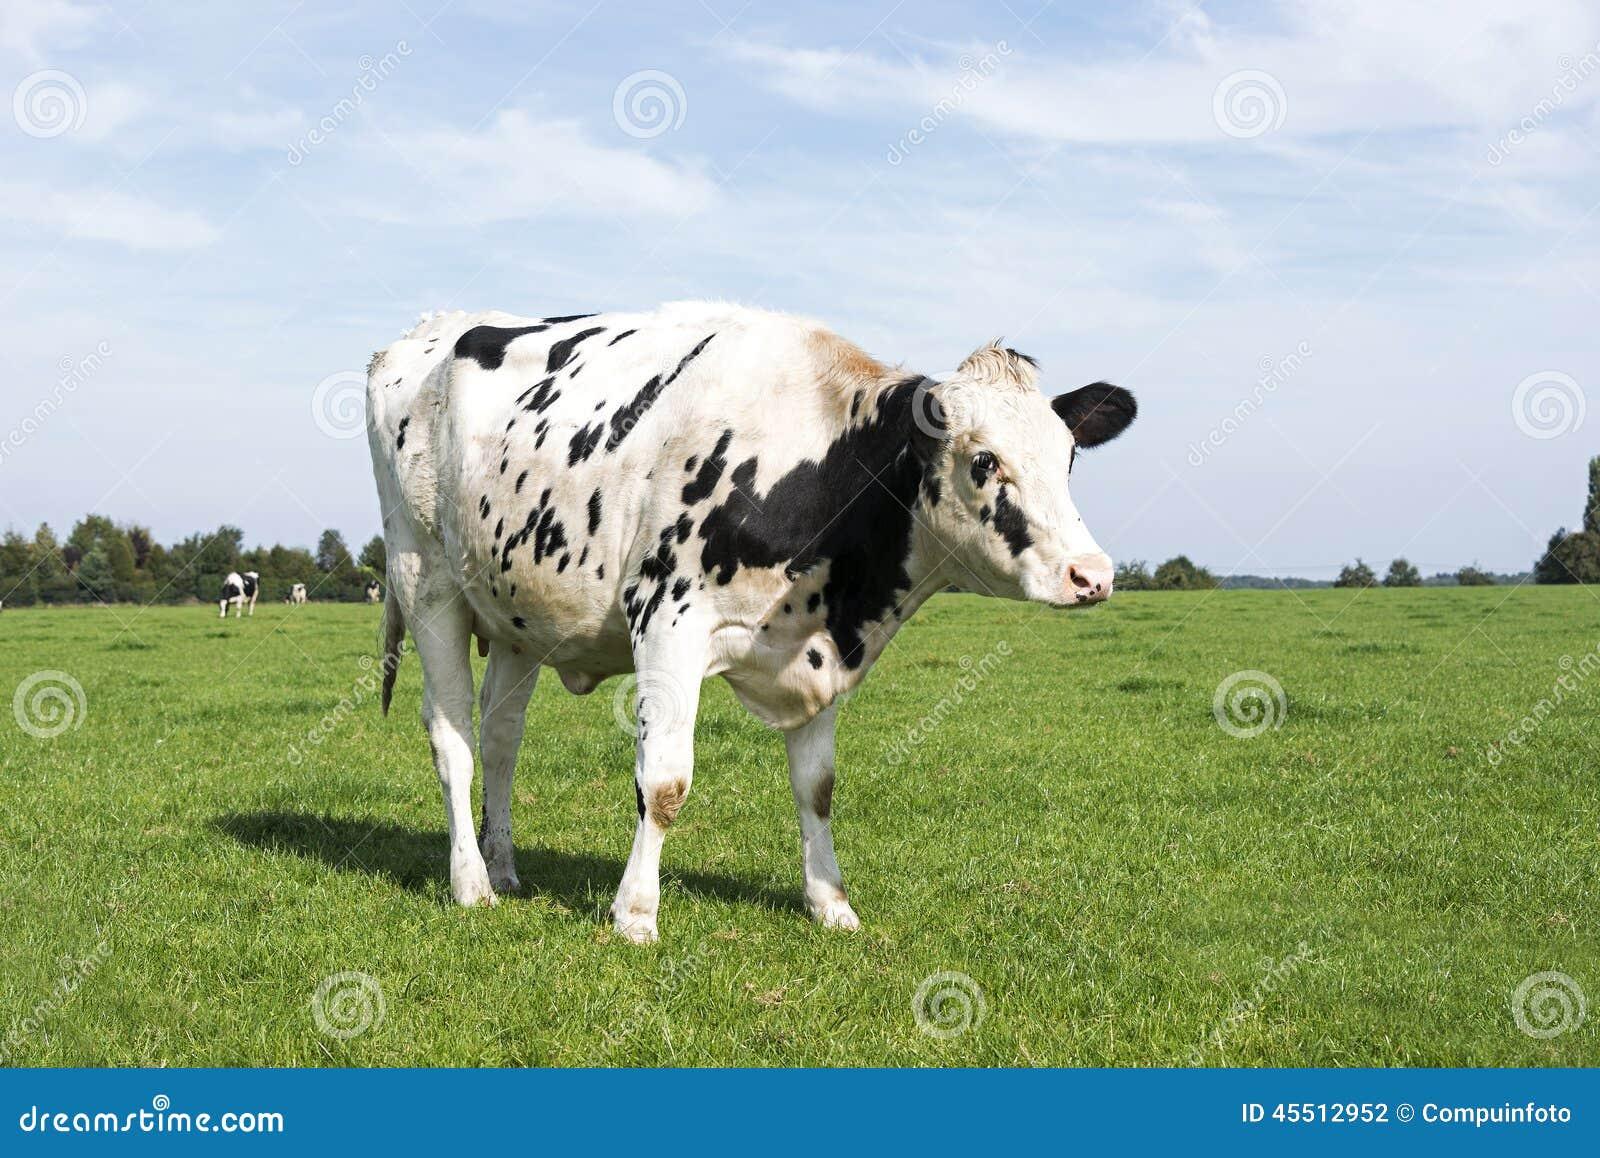 vache noire et blanche fr lant dans l 39 herbe verte photo stock image 45512952. Black Bedroom Furniture Sets. Home Design Ideas